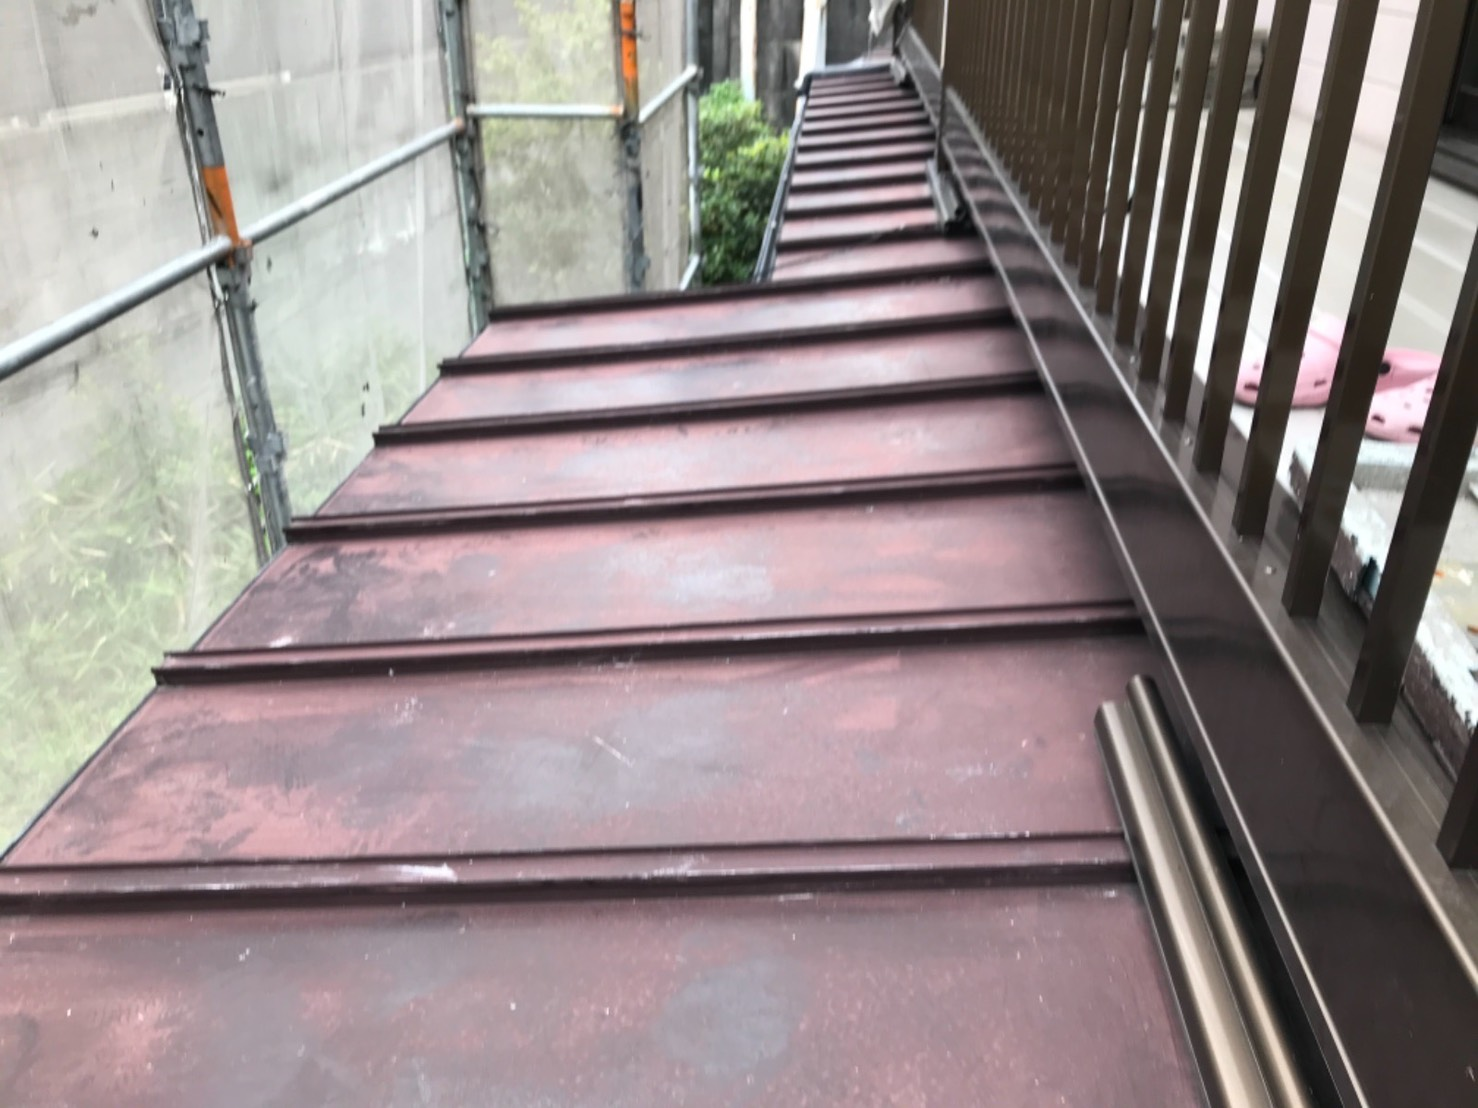 名古屋市昭和区のお客様宅にて瓦棒屋根塗装を行いました。